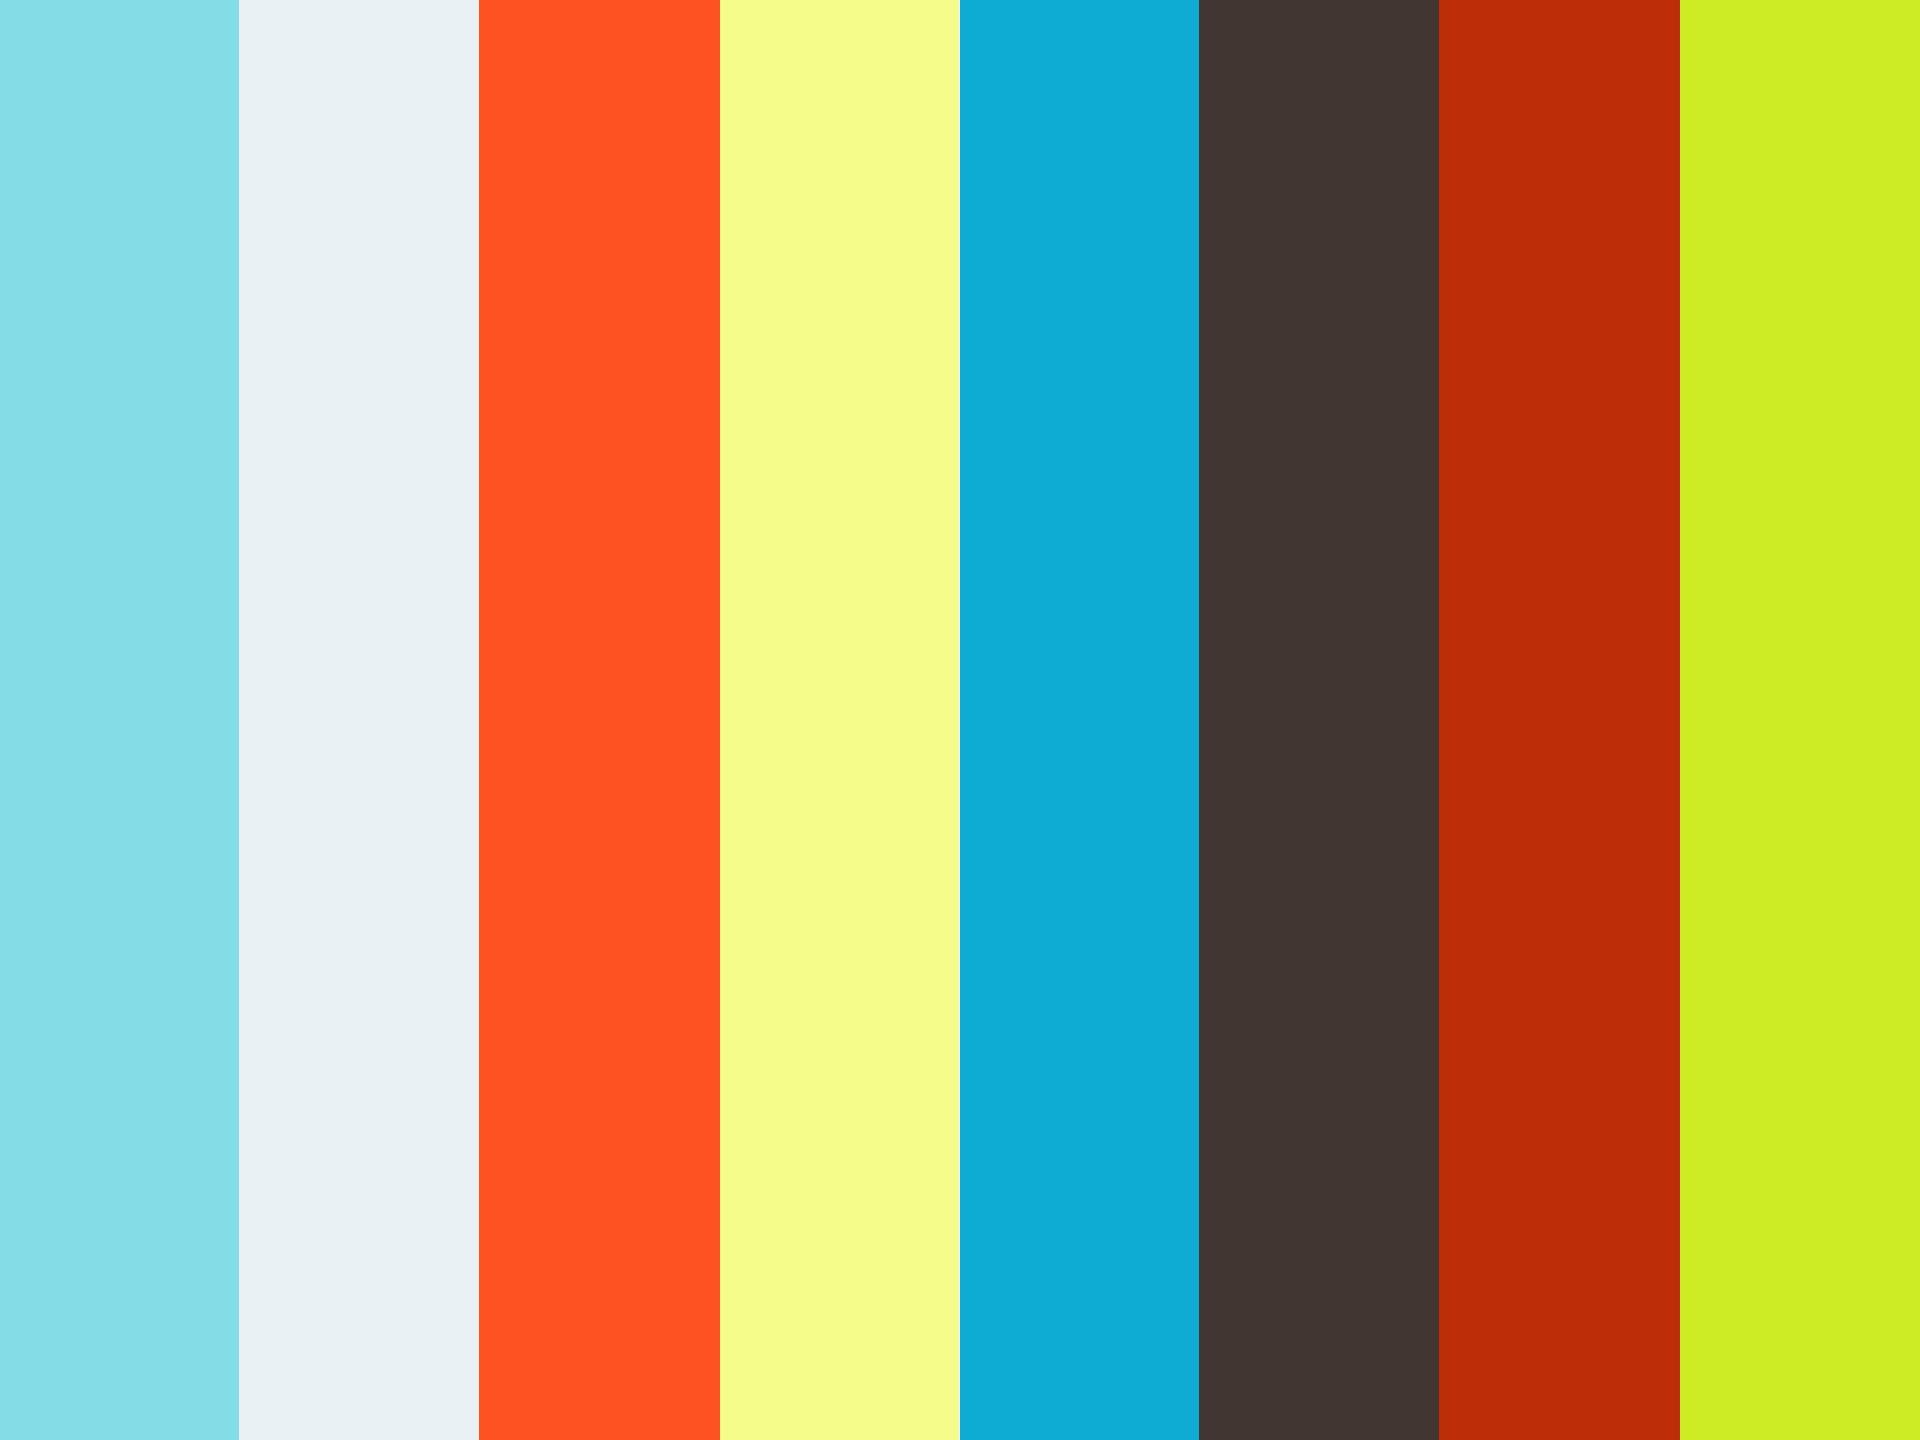 【限定公開】第16回 日本顕微鏡歯科学会 学術大会:佐氏英介先生:補綴処置の精密歯科治療とマイクロスコープの活用方法について Part1